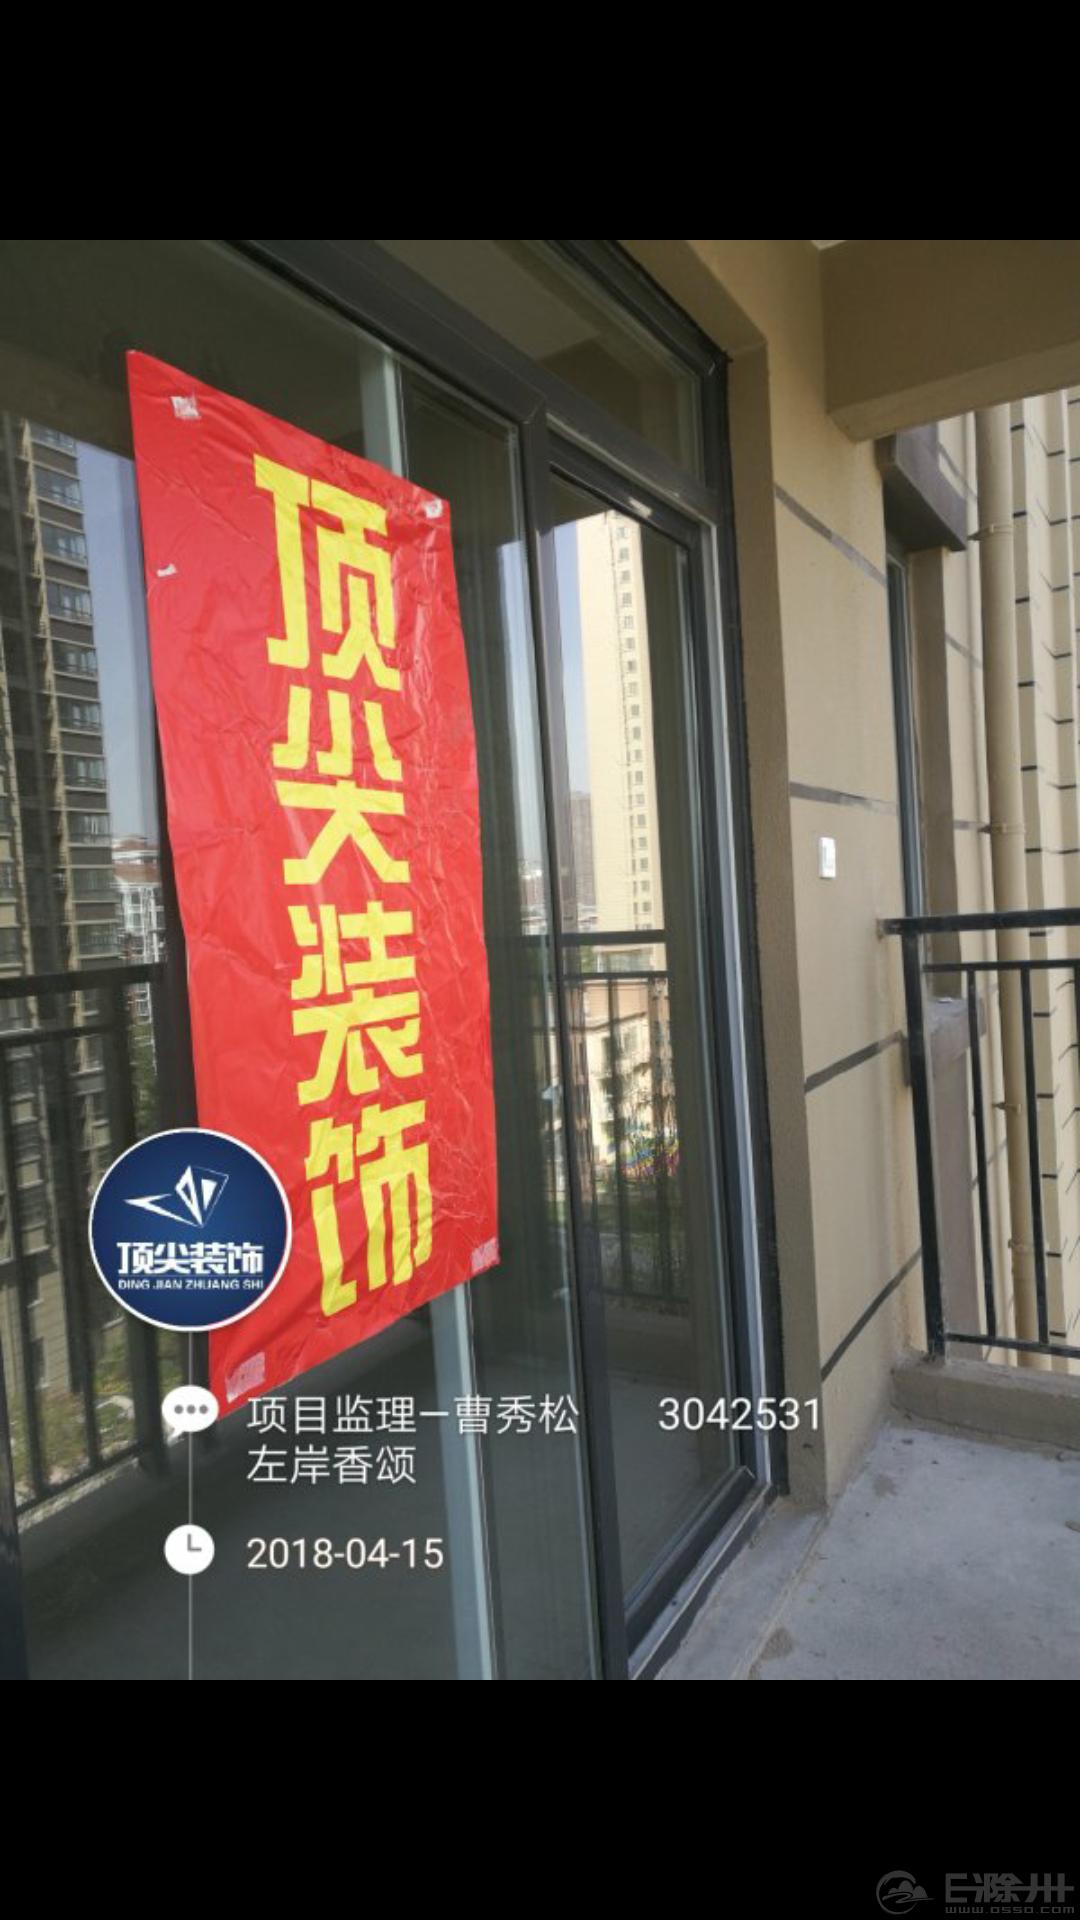 Screenshot_2018-04-15-18-40-42-002_com.tencent.mm.png